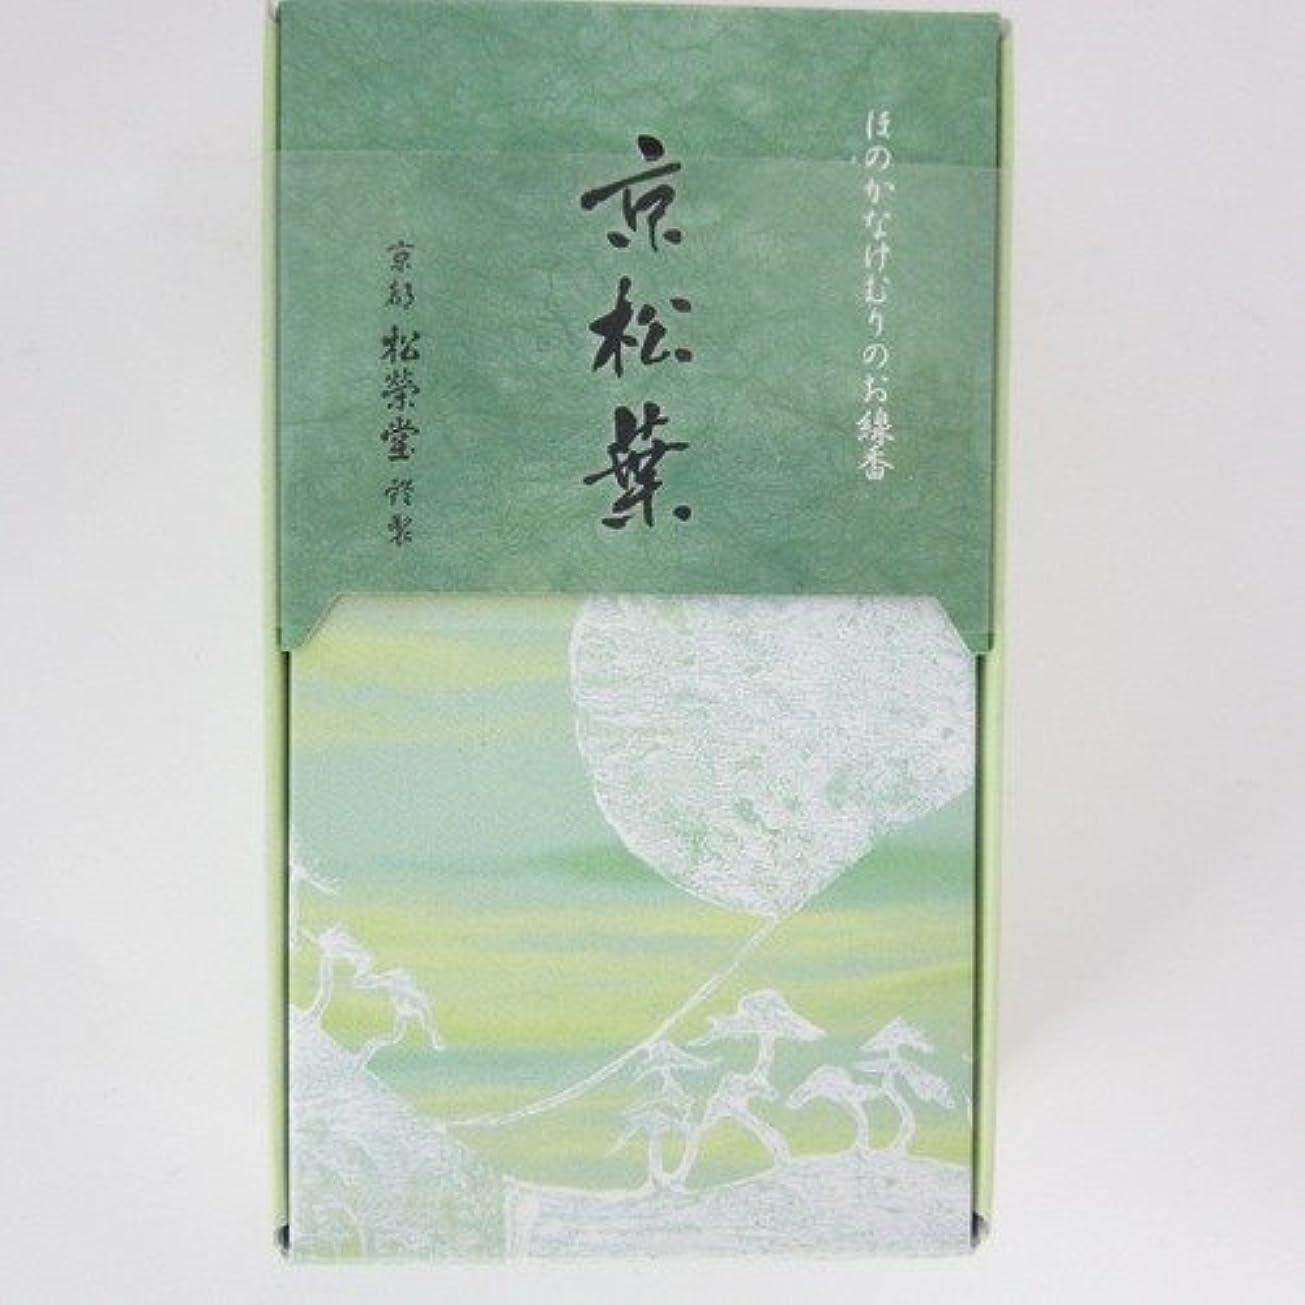 八百屋さんおじいちゃん熱狂的な松栄堂 玉響シリーズ お香 京松葉 45g